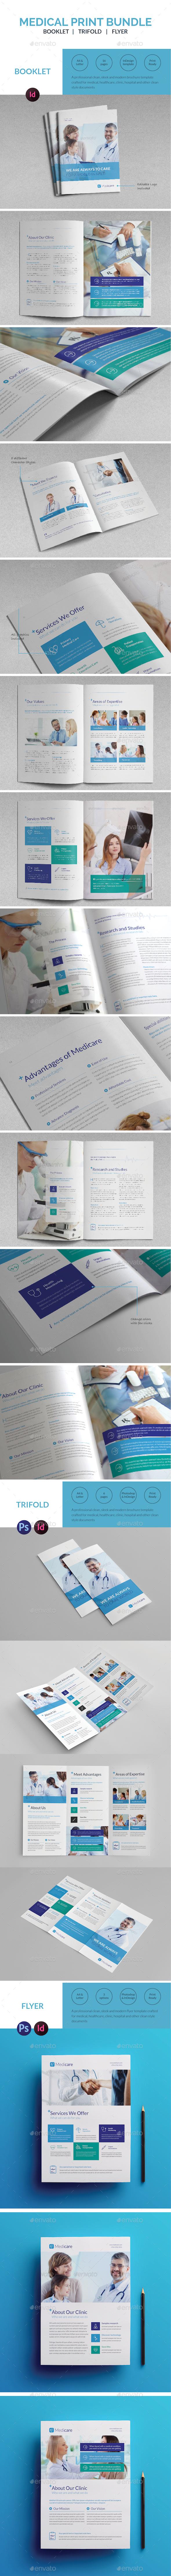 Medical Print Bundle - Informational Brochures